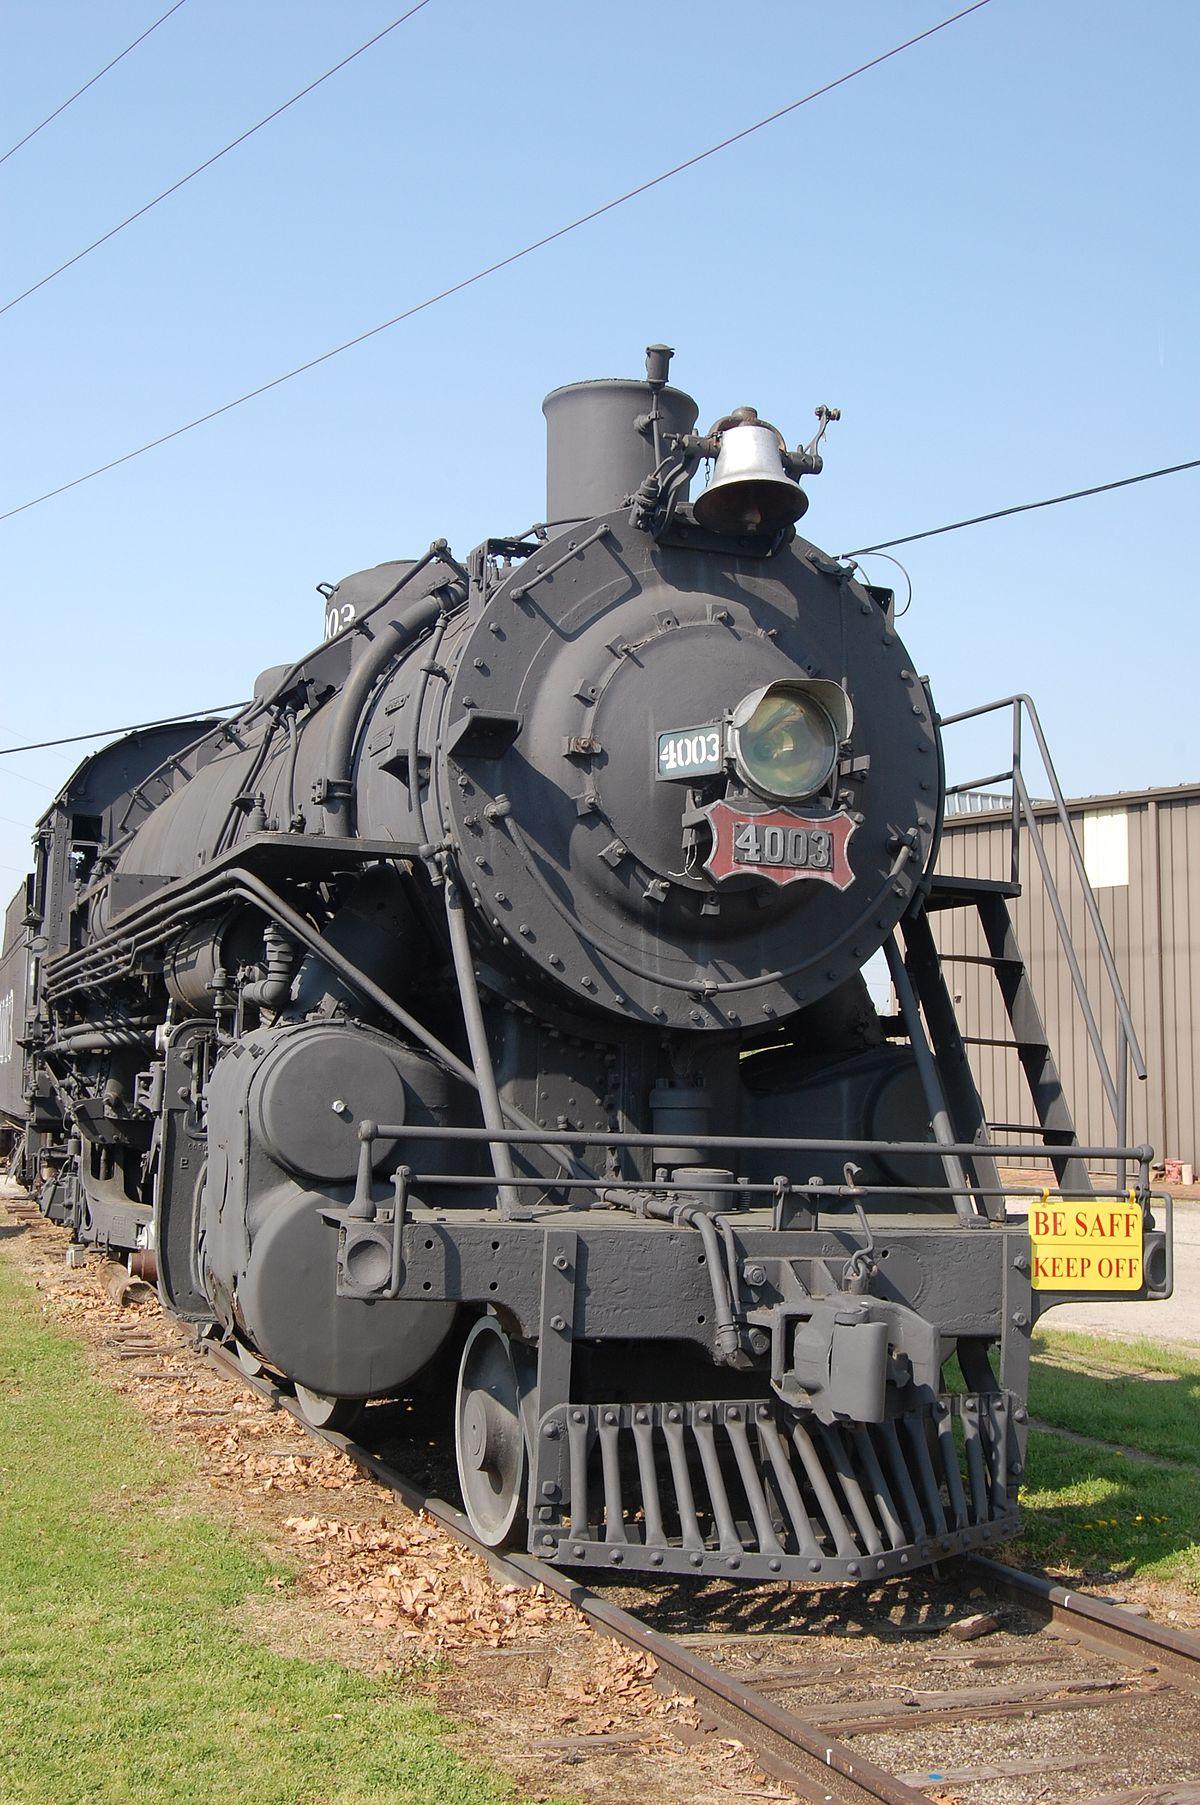 St Louis San Francisco 4003 Wikipedia